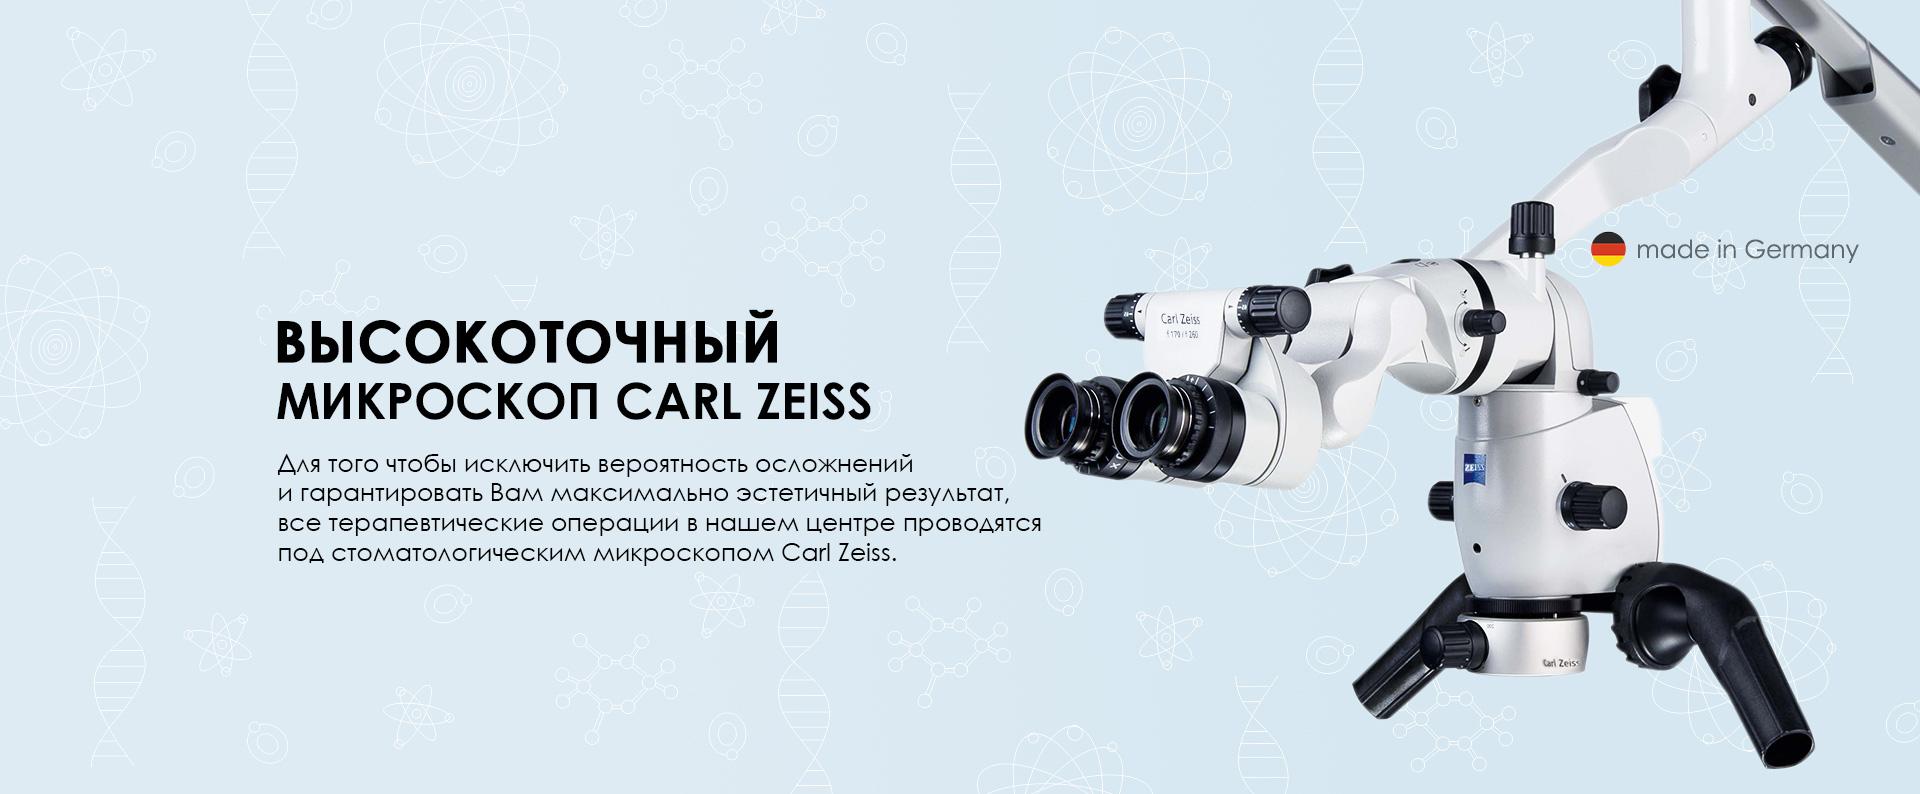 Высокоточный микроскоп Carl Zeiss